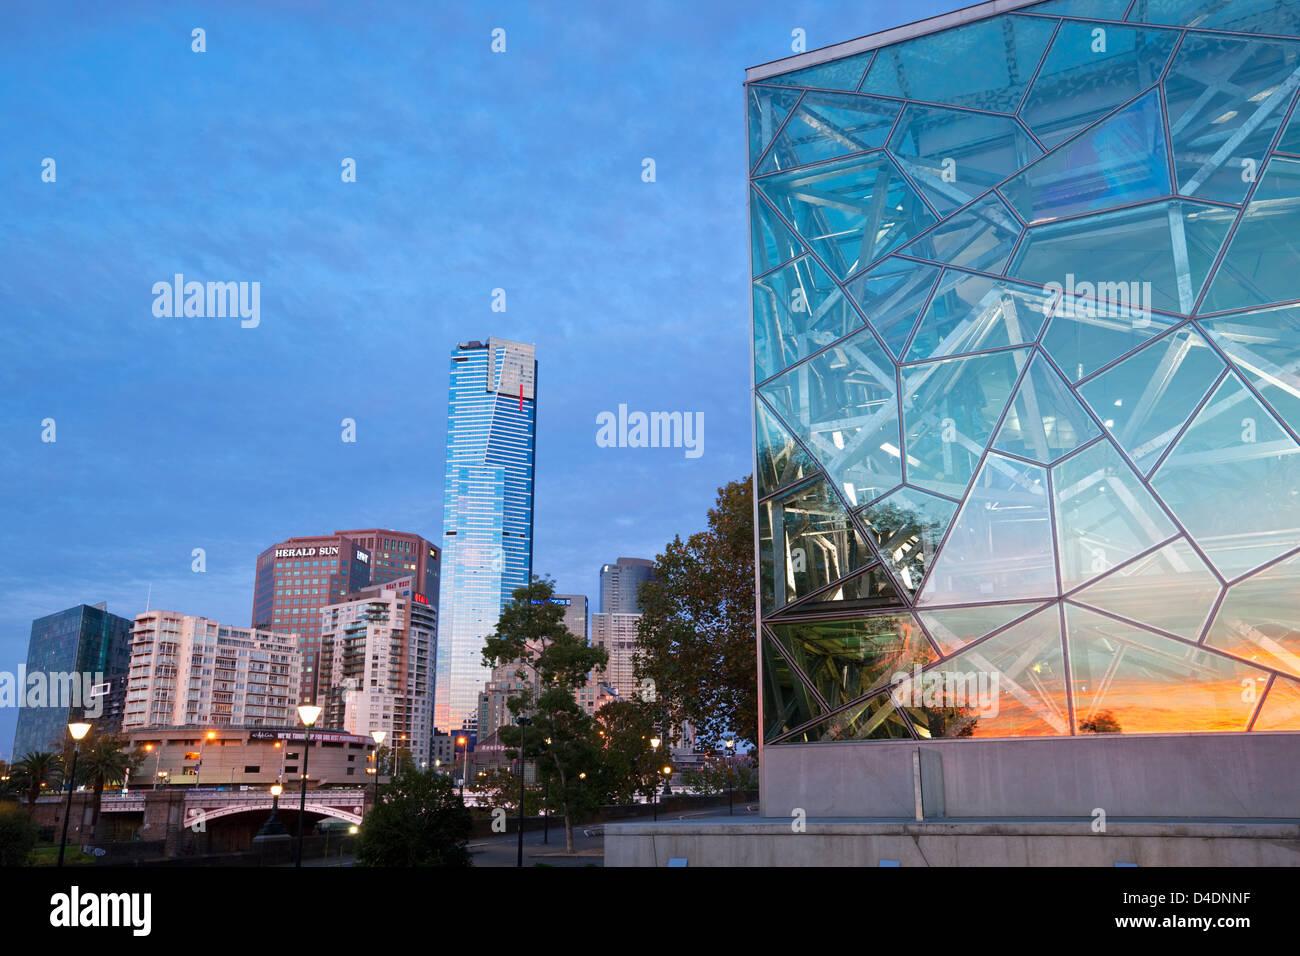 Architettura di Federation Square con l'Eureka Tower e Southbank in background. Melbourne, Victoria, Australia Immagini Stock